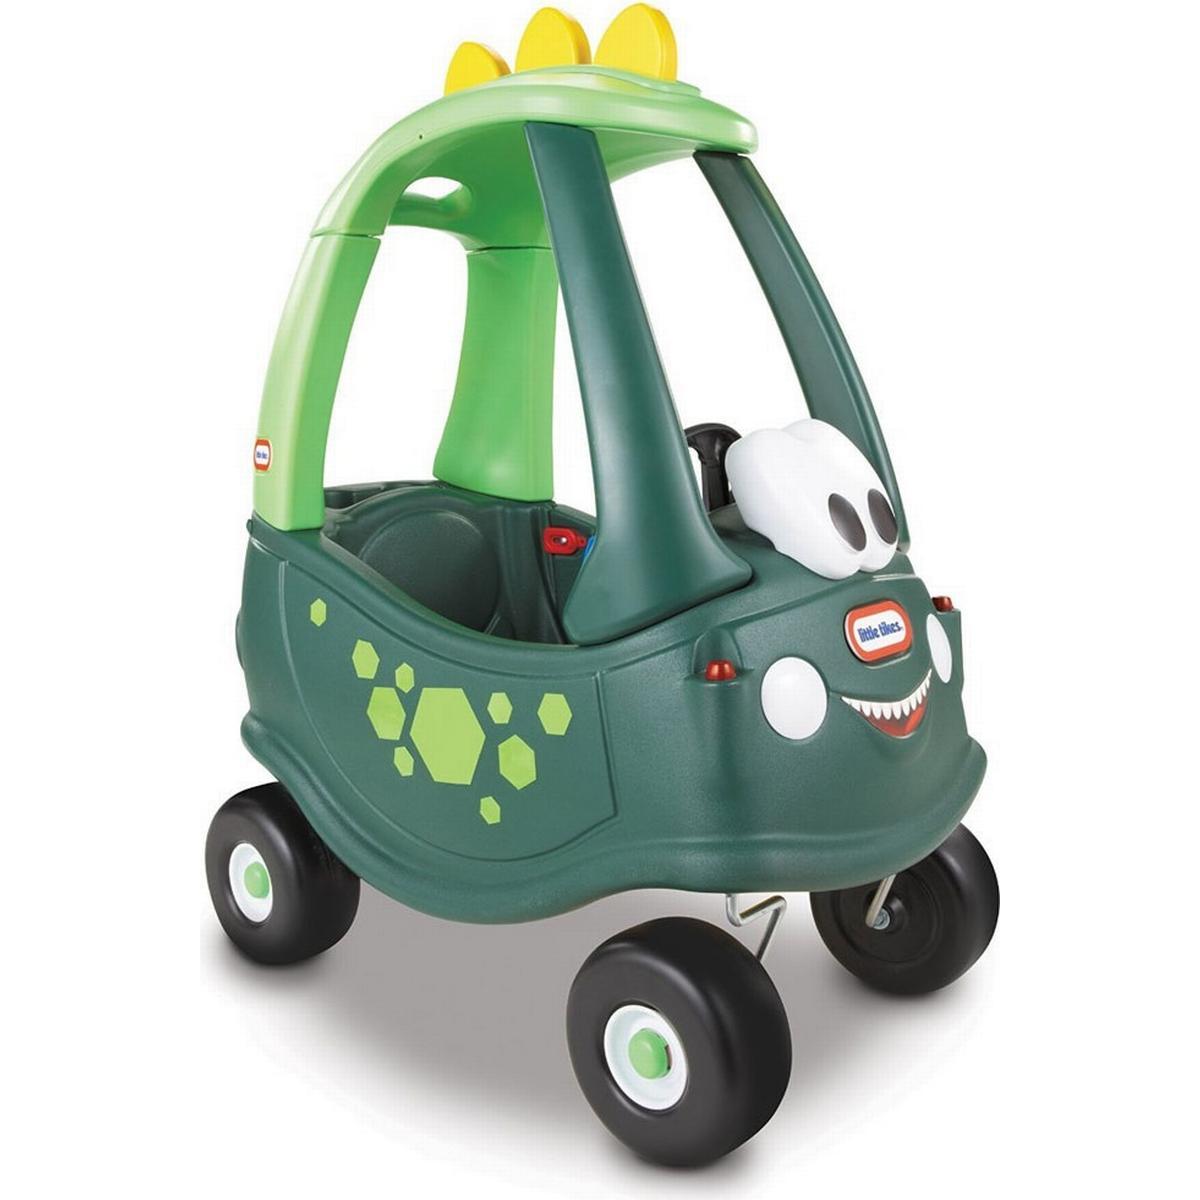 Lækker Little Tikes Sparkbil - Jämför priser på gåbil PriceRunner MY-97